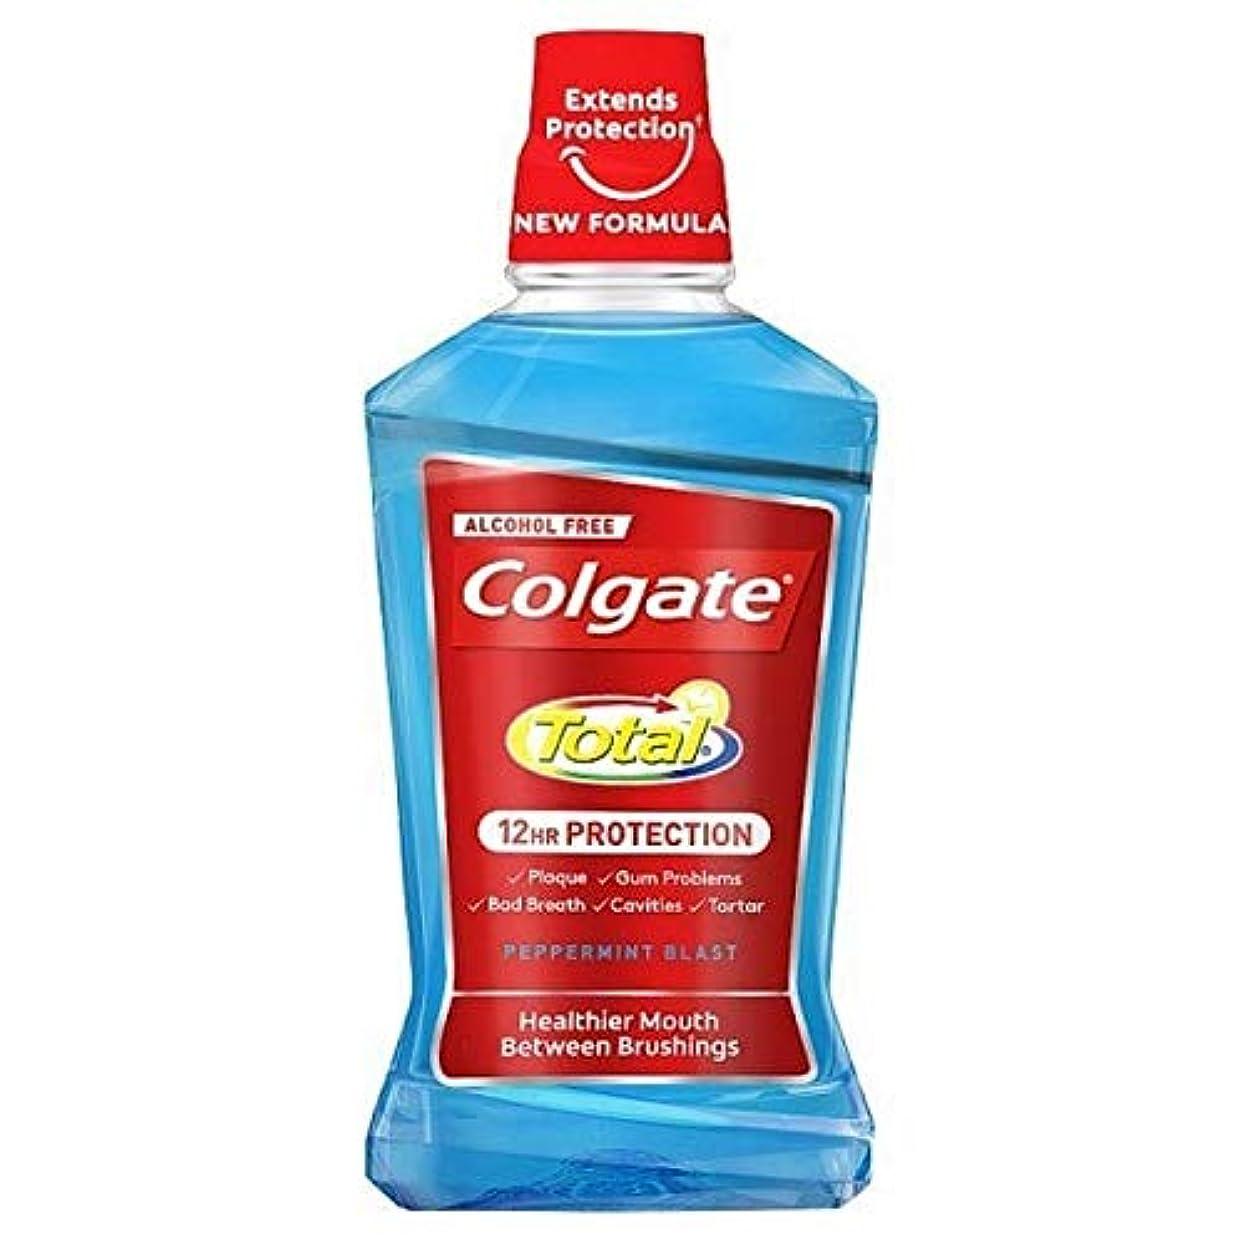 資金フレキシブルアシュリータファーマン[Colgate ] コルゲートトータルペパーミントブラストマウスウォッシュ500ミリリットル - Colgate Total Peppermint Blast Mouthwash 500ml [並行輸入品]